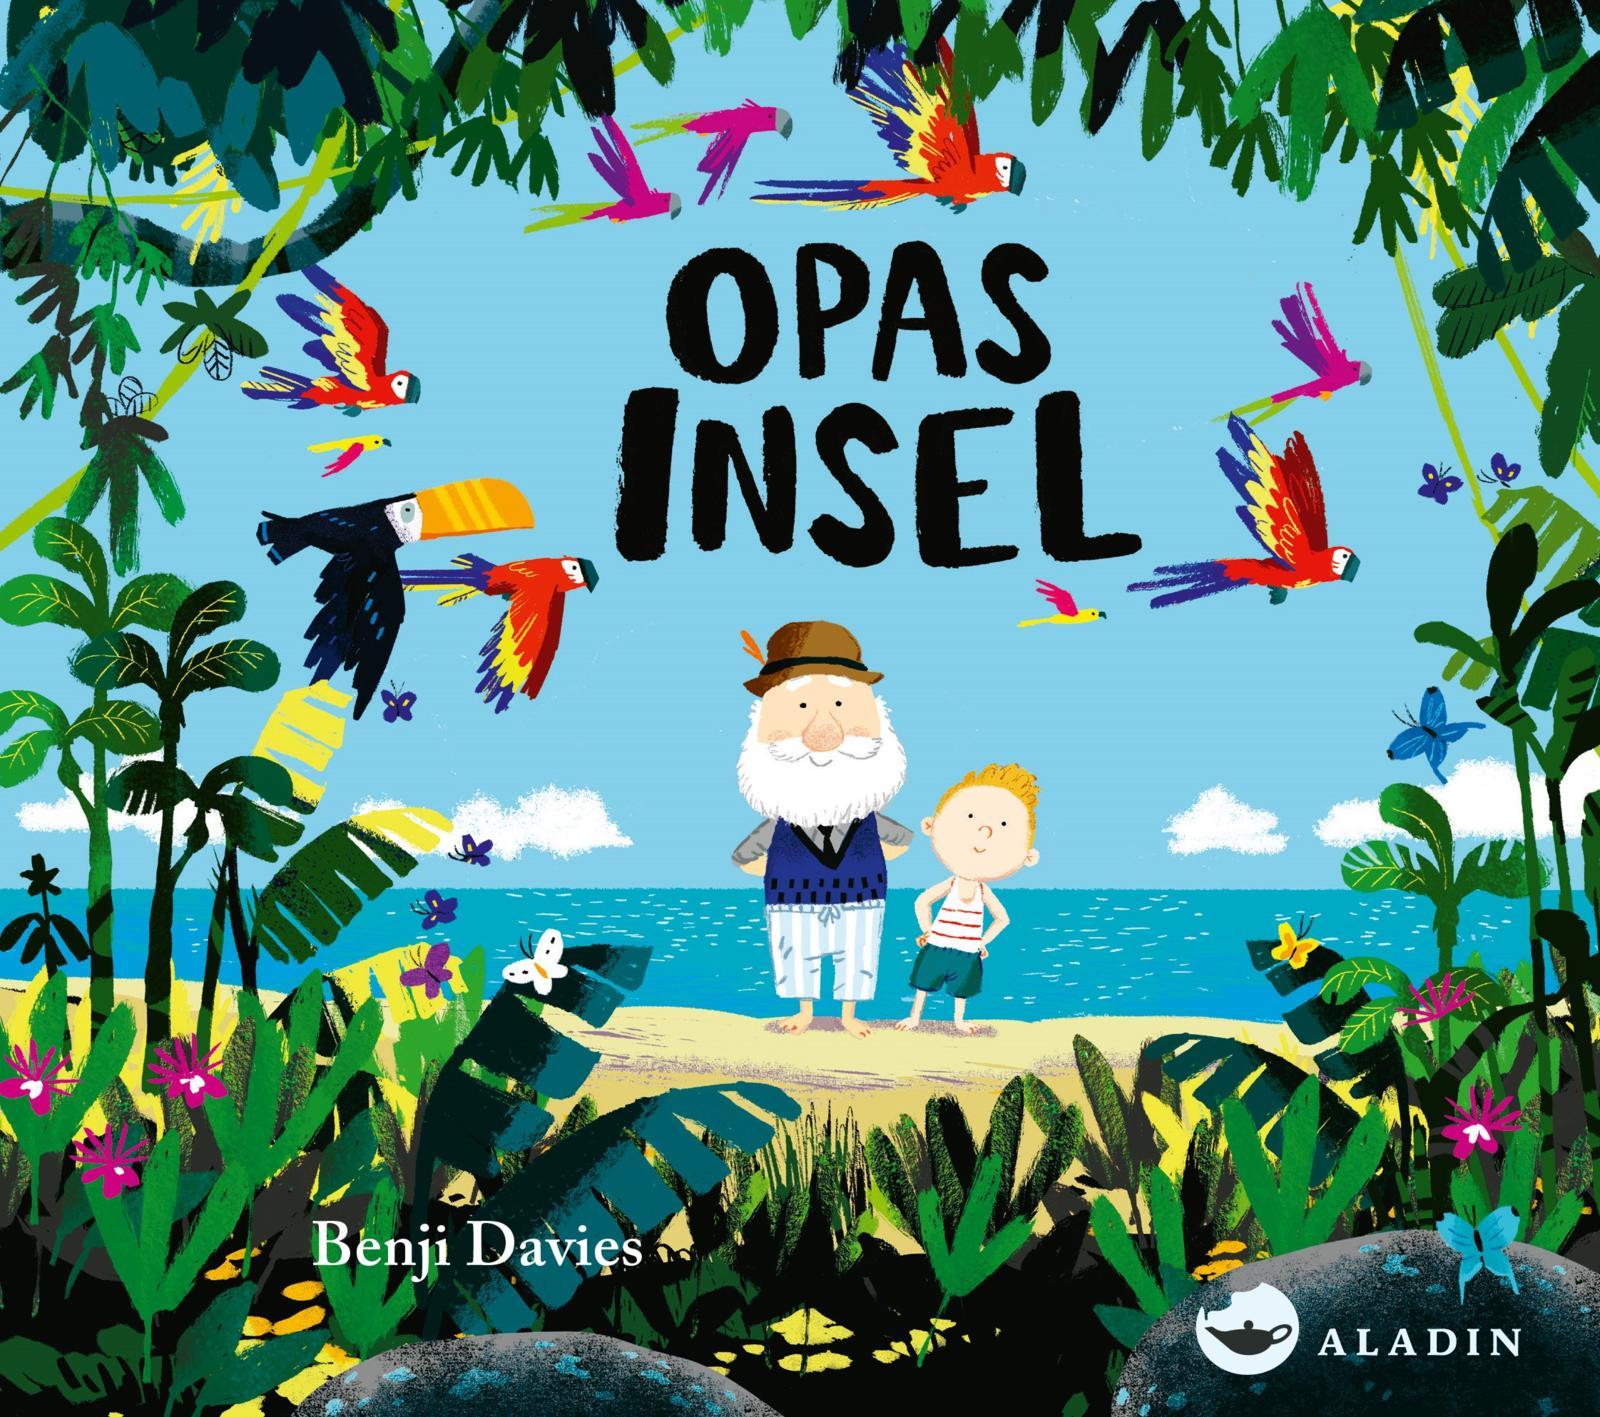 Benji Davies, Pappbilderbuch, Opa, Großeltern, Sterben, Tod, Abschied, vorlesen, Bilderbuch, Familie